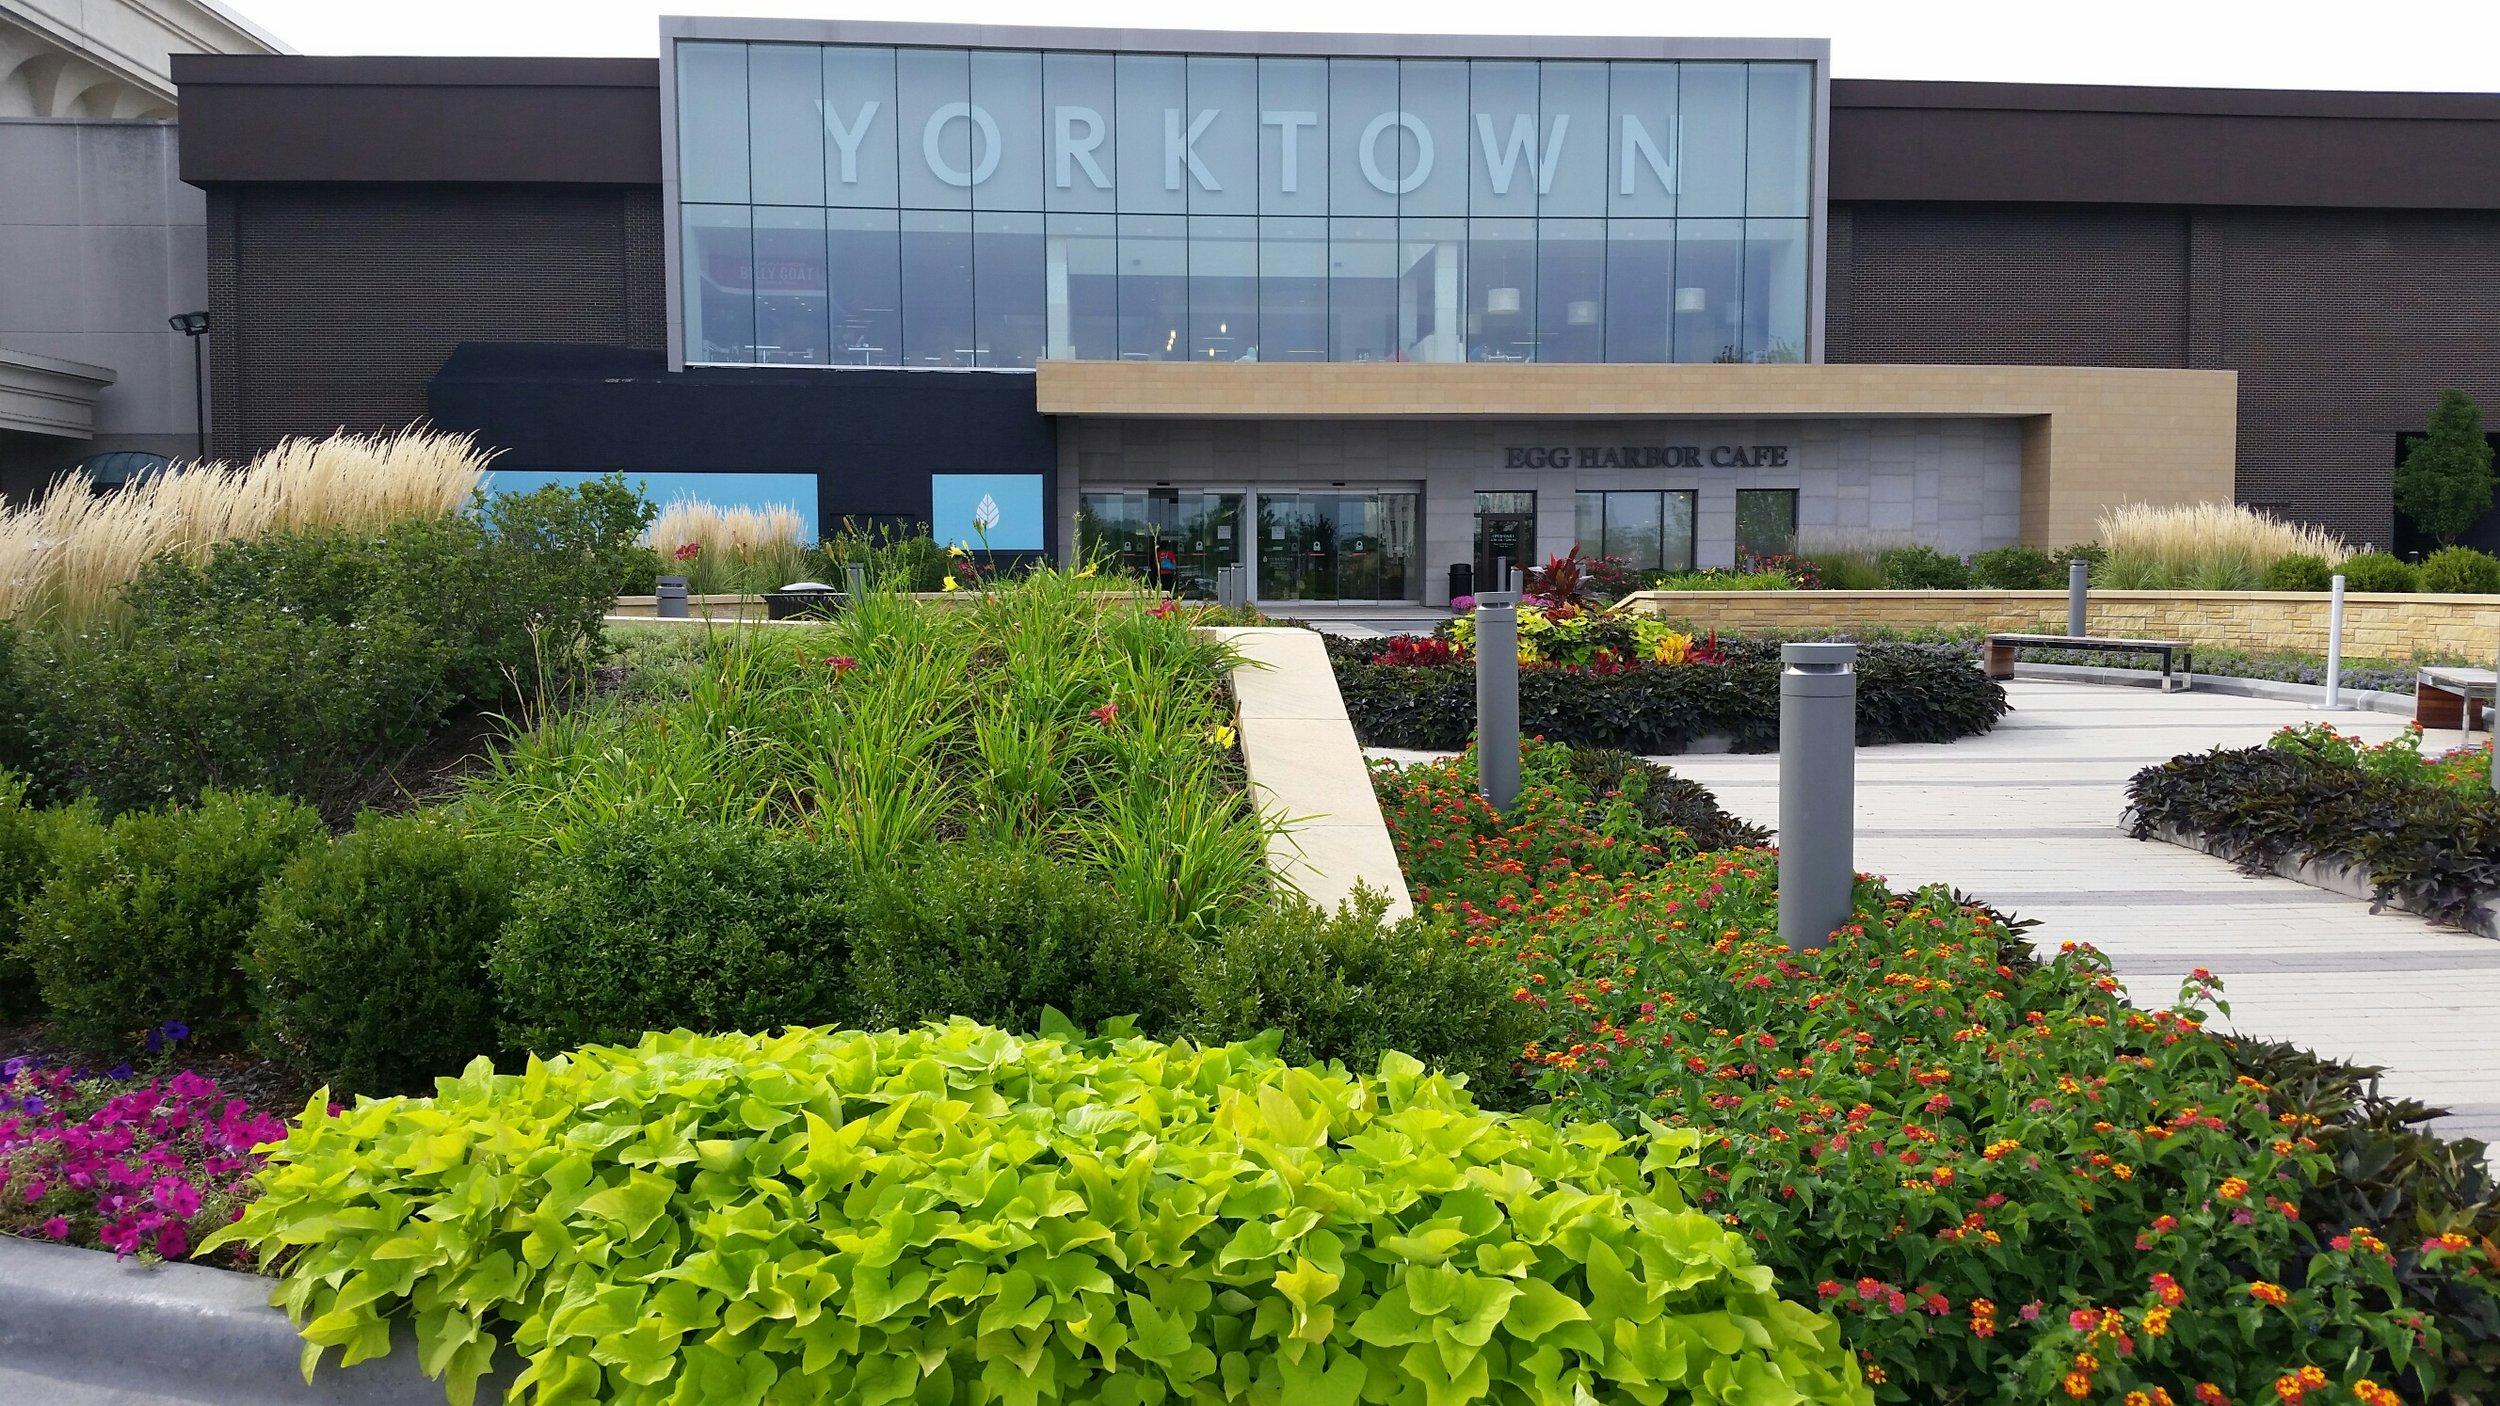 Yorktown Retail